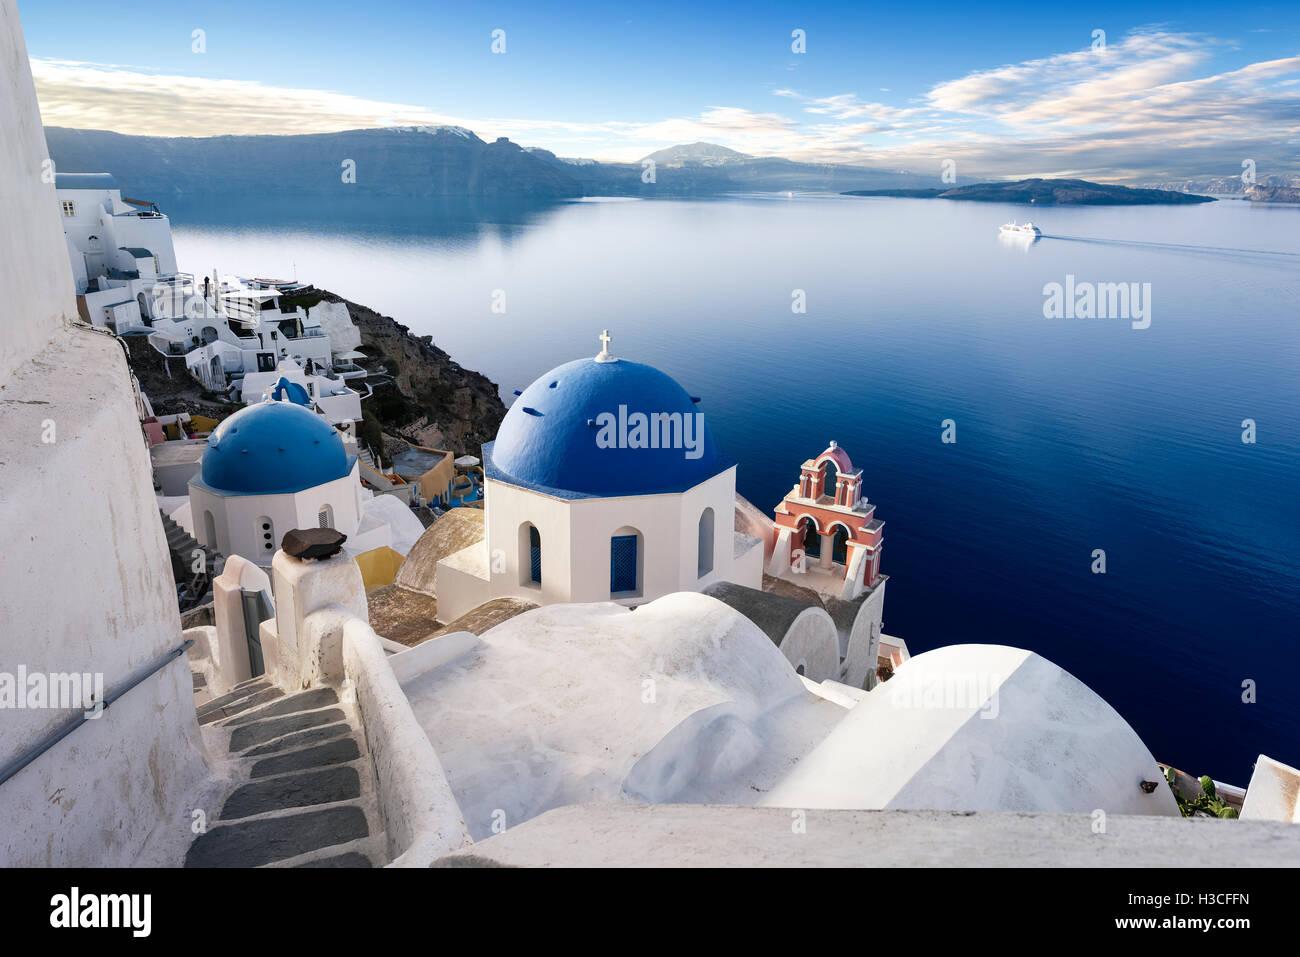 Stadt Oia auf Santorin, Griechenland. Traditionelle und berühmte Häuser und Kirchen mit blauen Kuppeln Stockbild